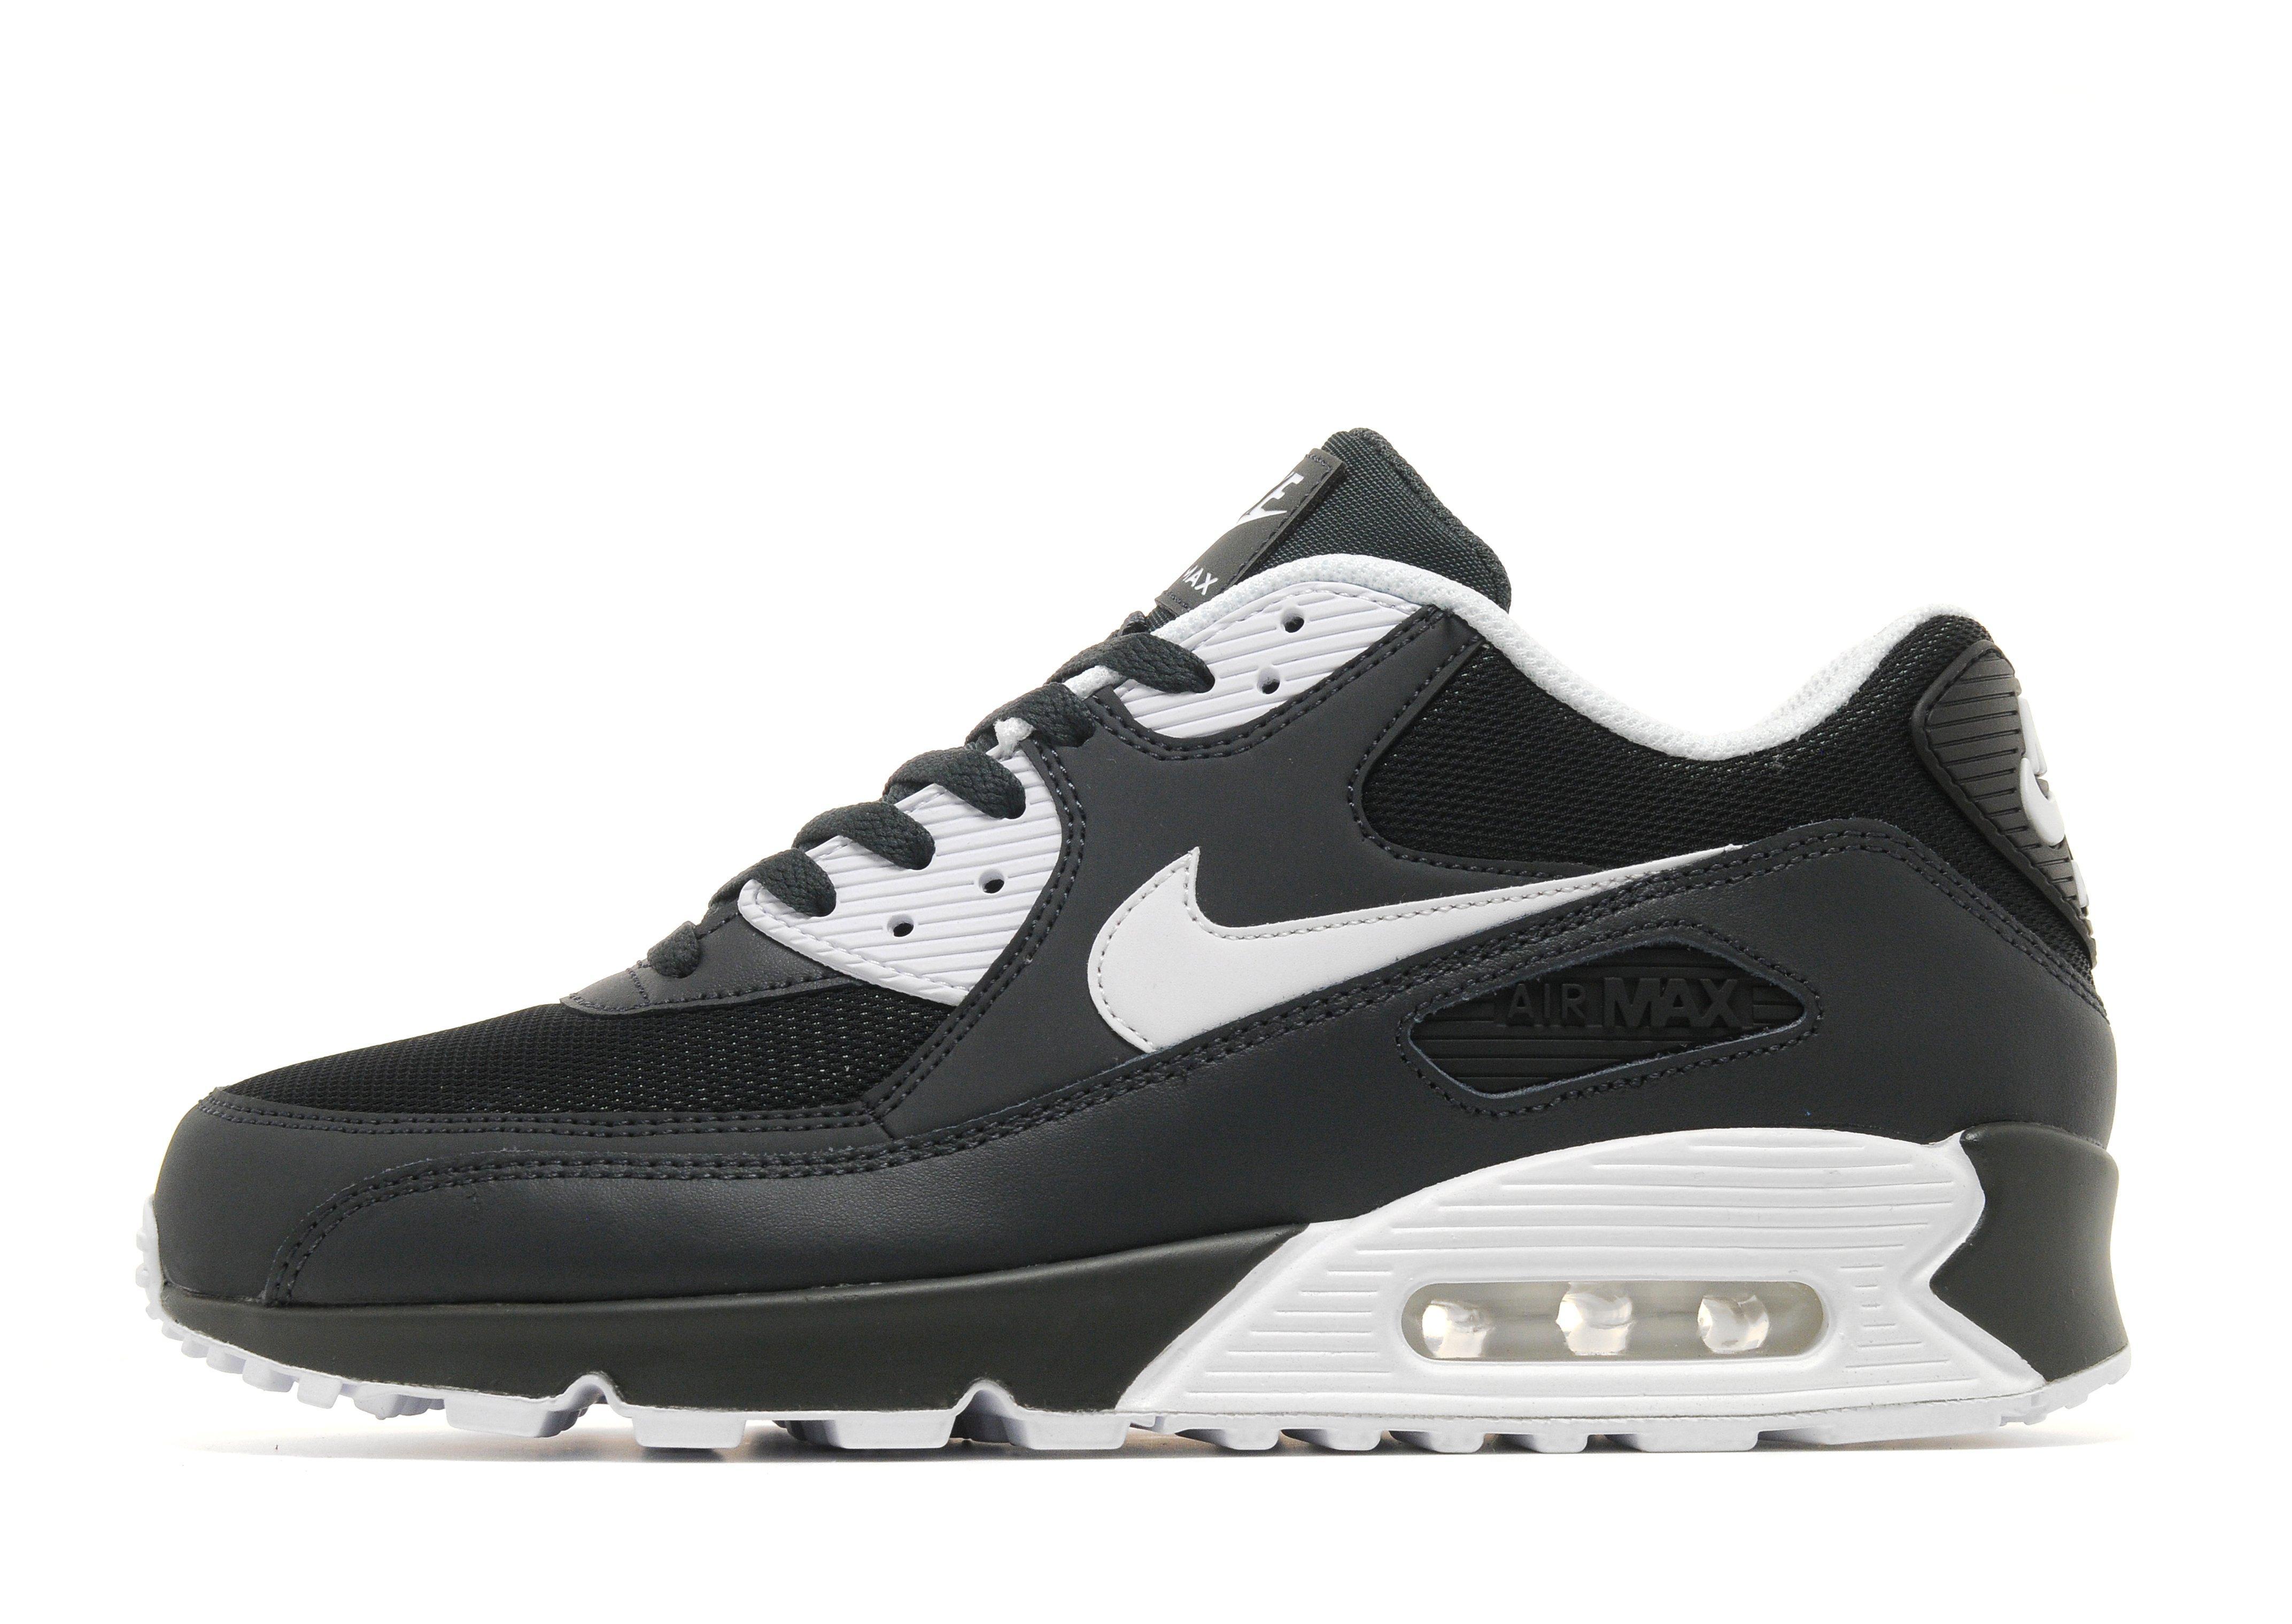 Nike Air Max 90 Vente Jd